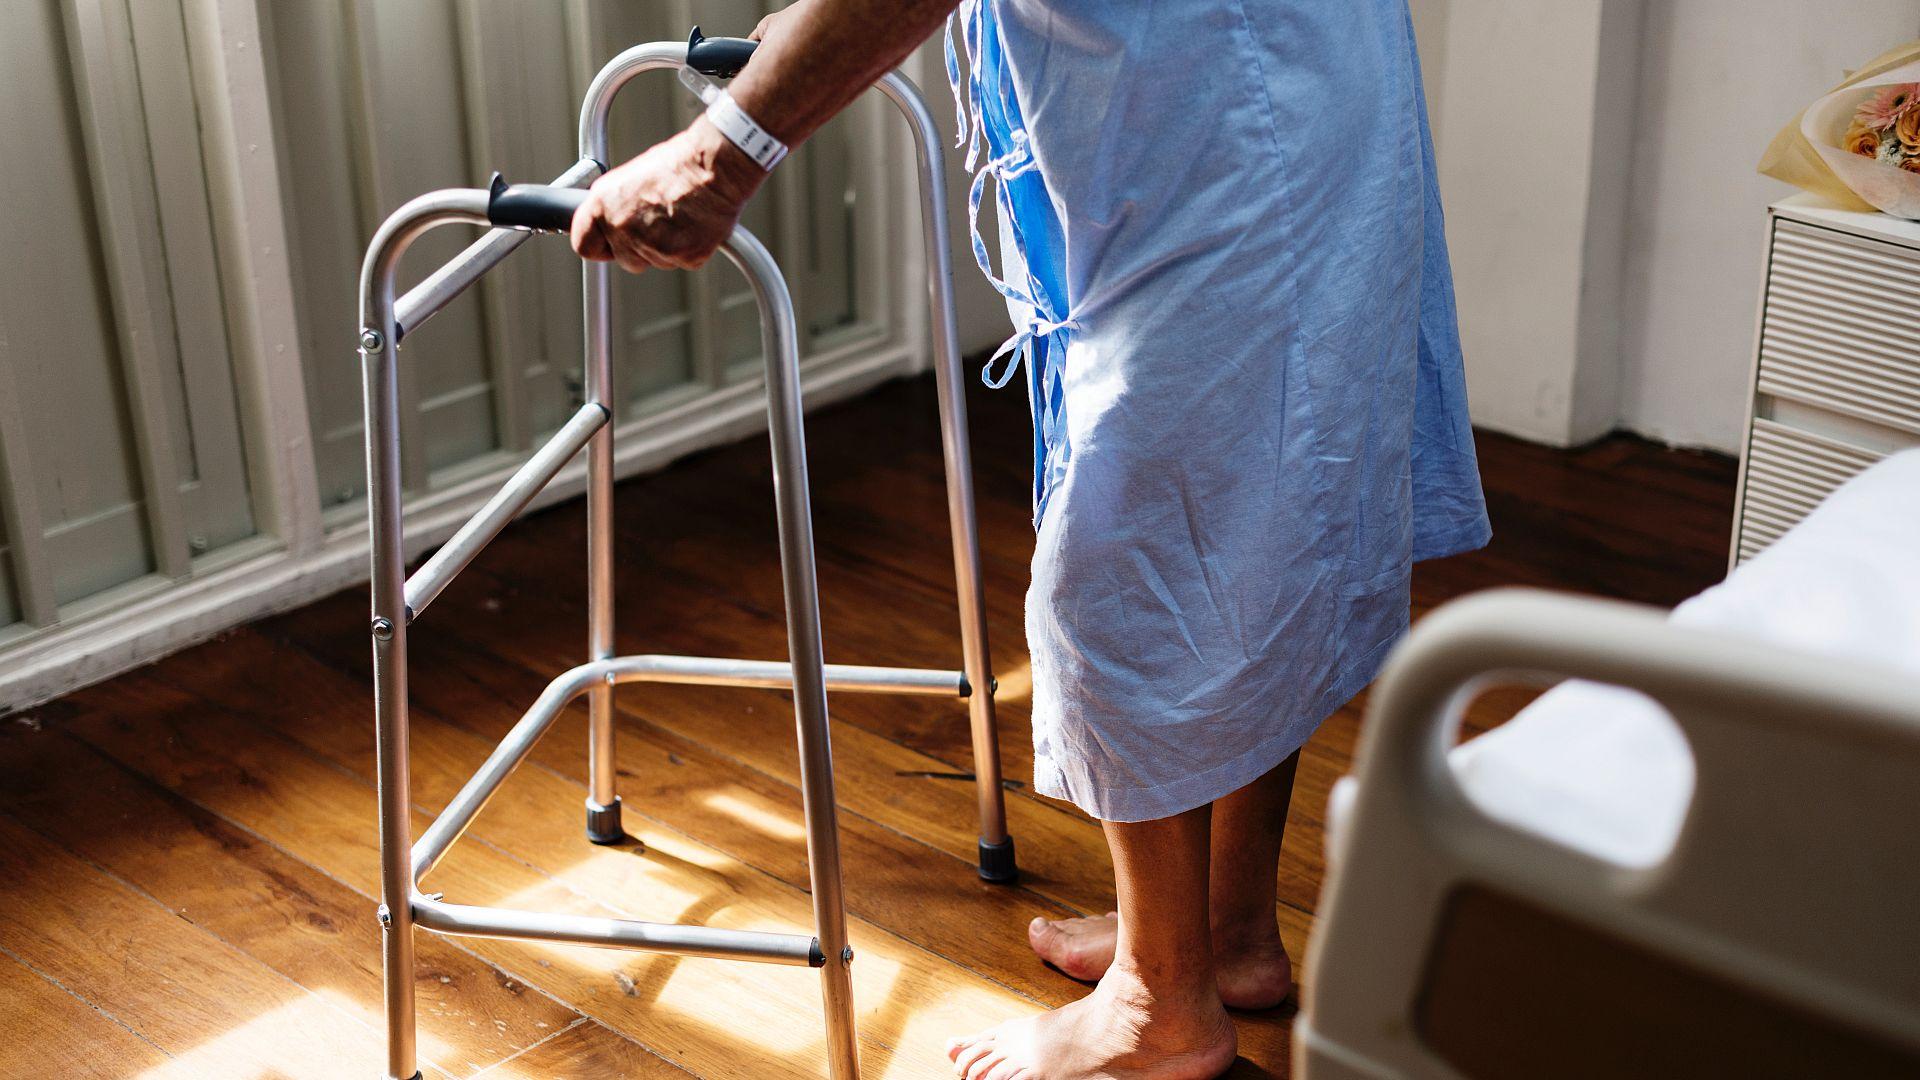 Verzorgings- en verpleeghuis bewoners worden vaak opgenomen in een ziekenhuis. Dit is deels is te vermijden door valpreventie en betere medicatiebewaking.